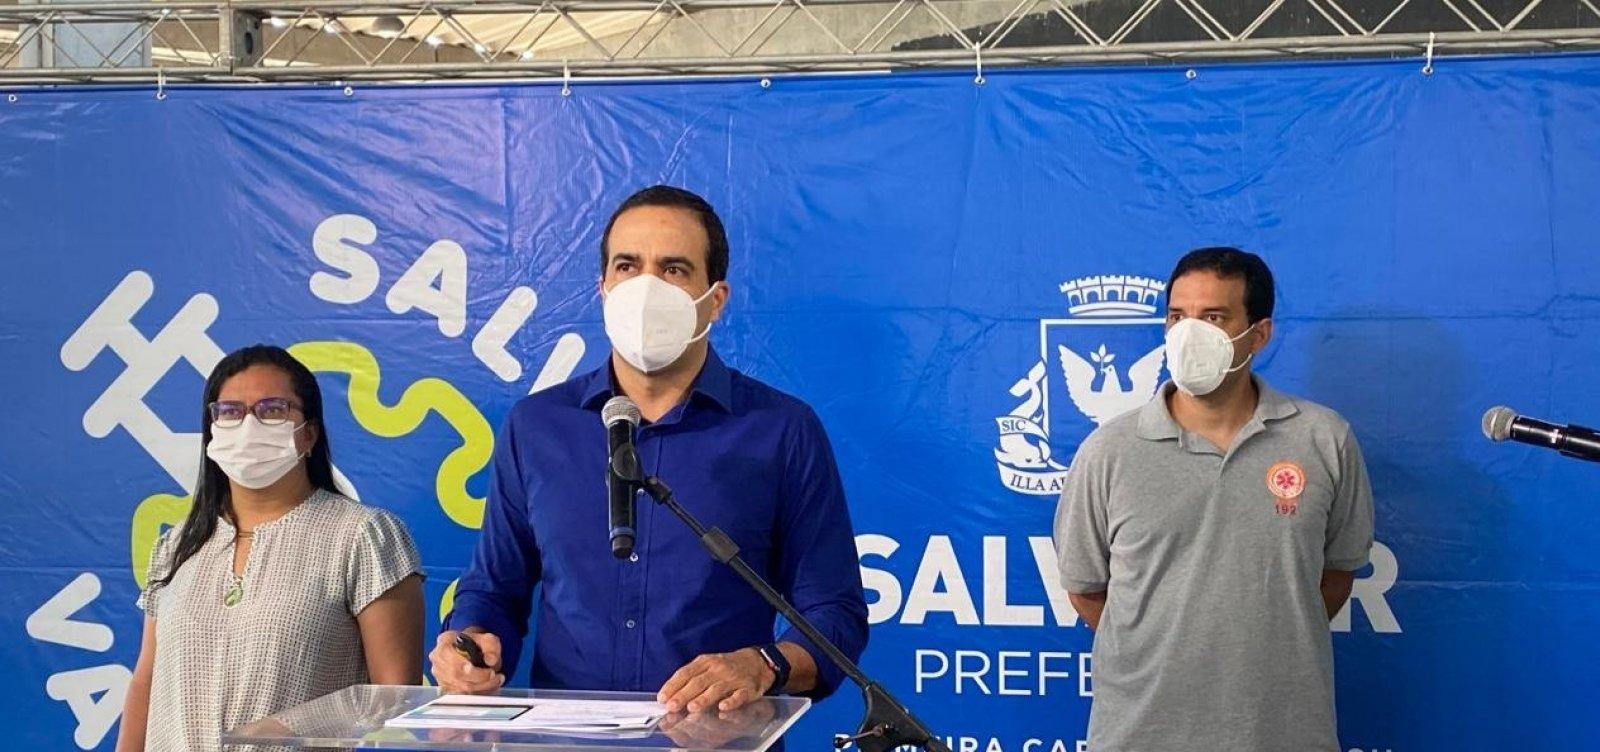 Salvador deve finalizar vacinação do grupo 1 neste fim de semana, diz prefeito